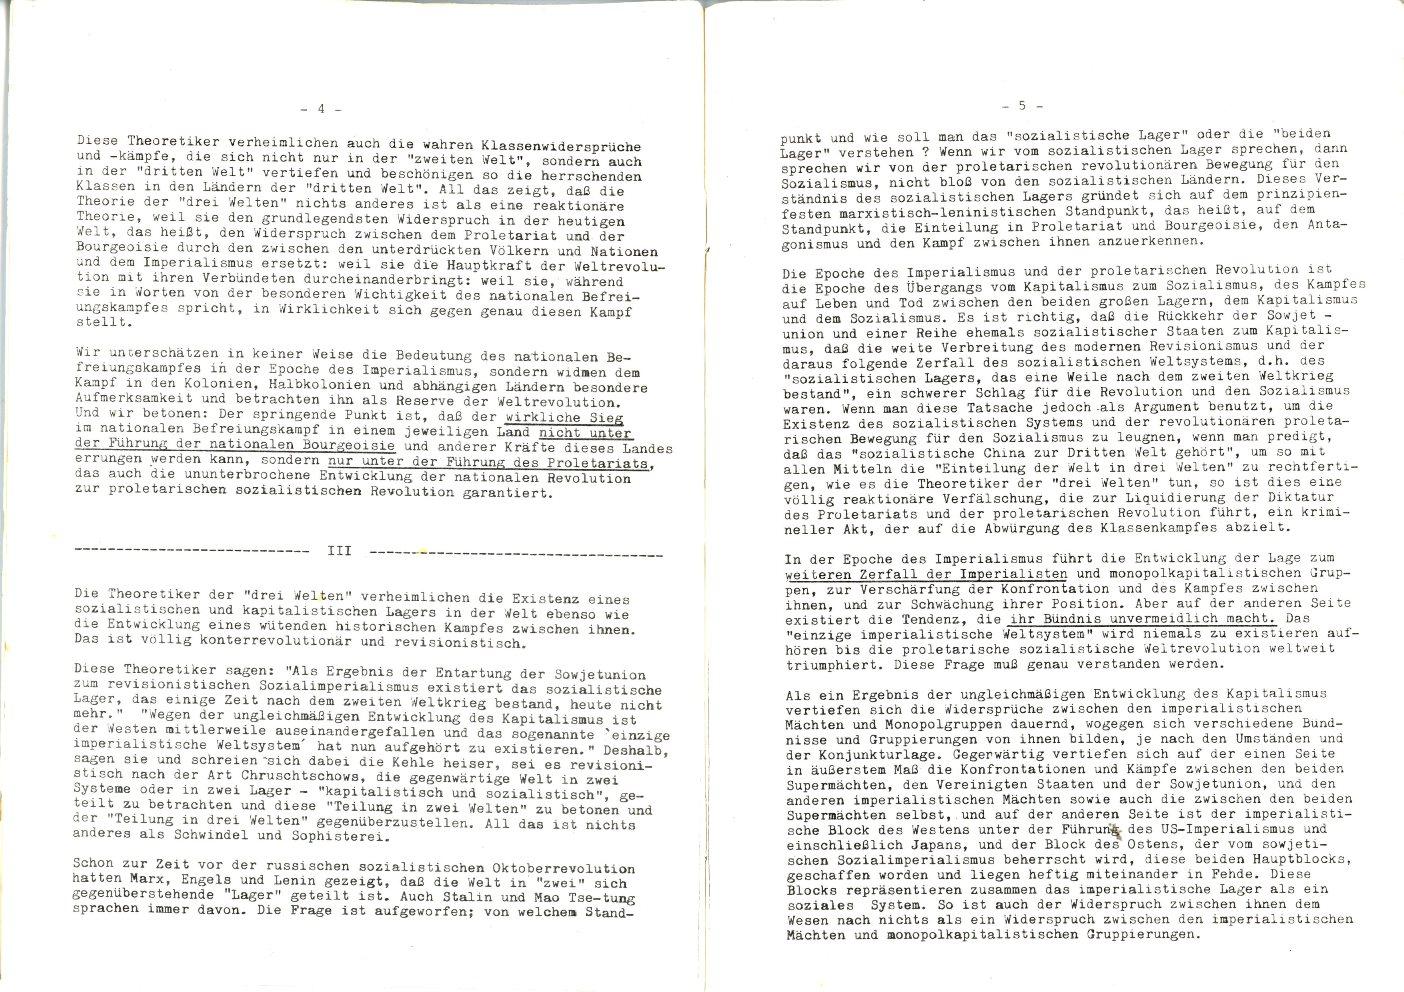 MLSK_Theorie_und_Praxis_des_ML_1978_22_05